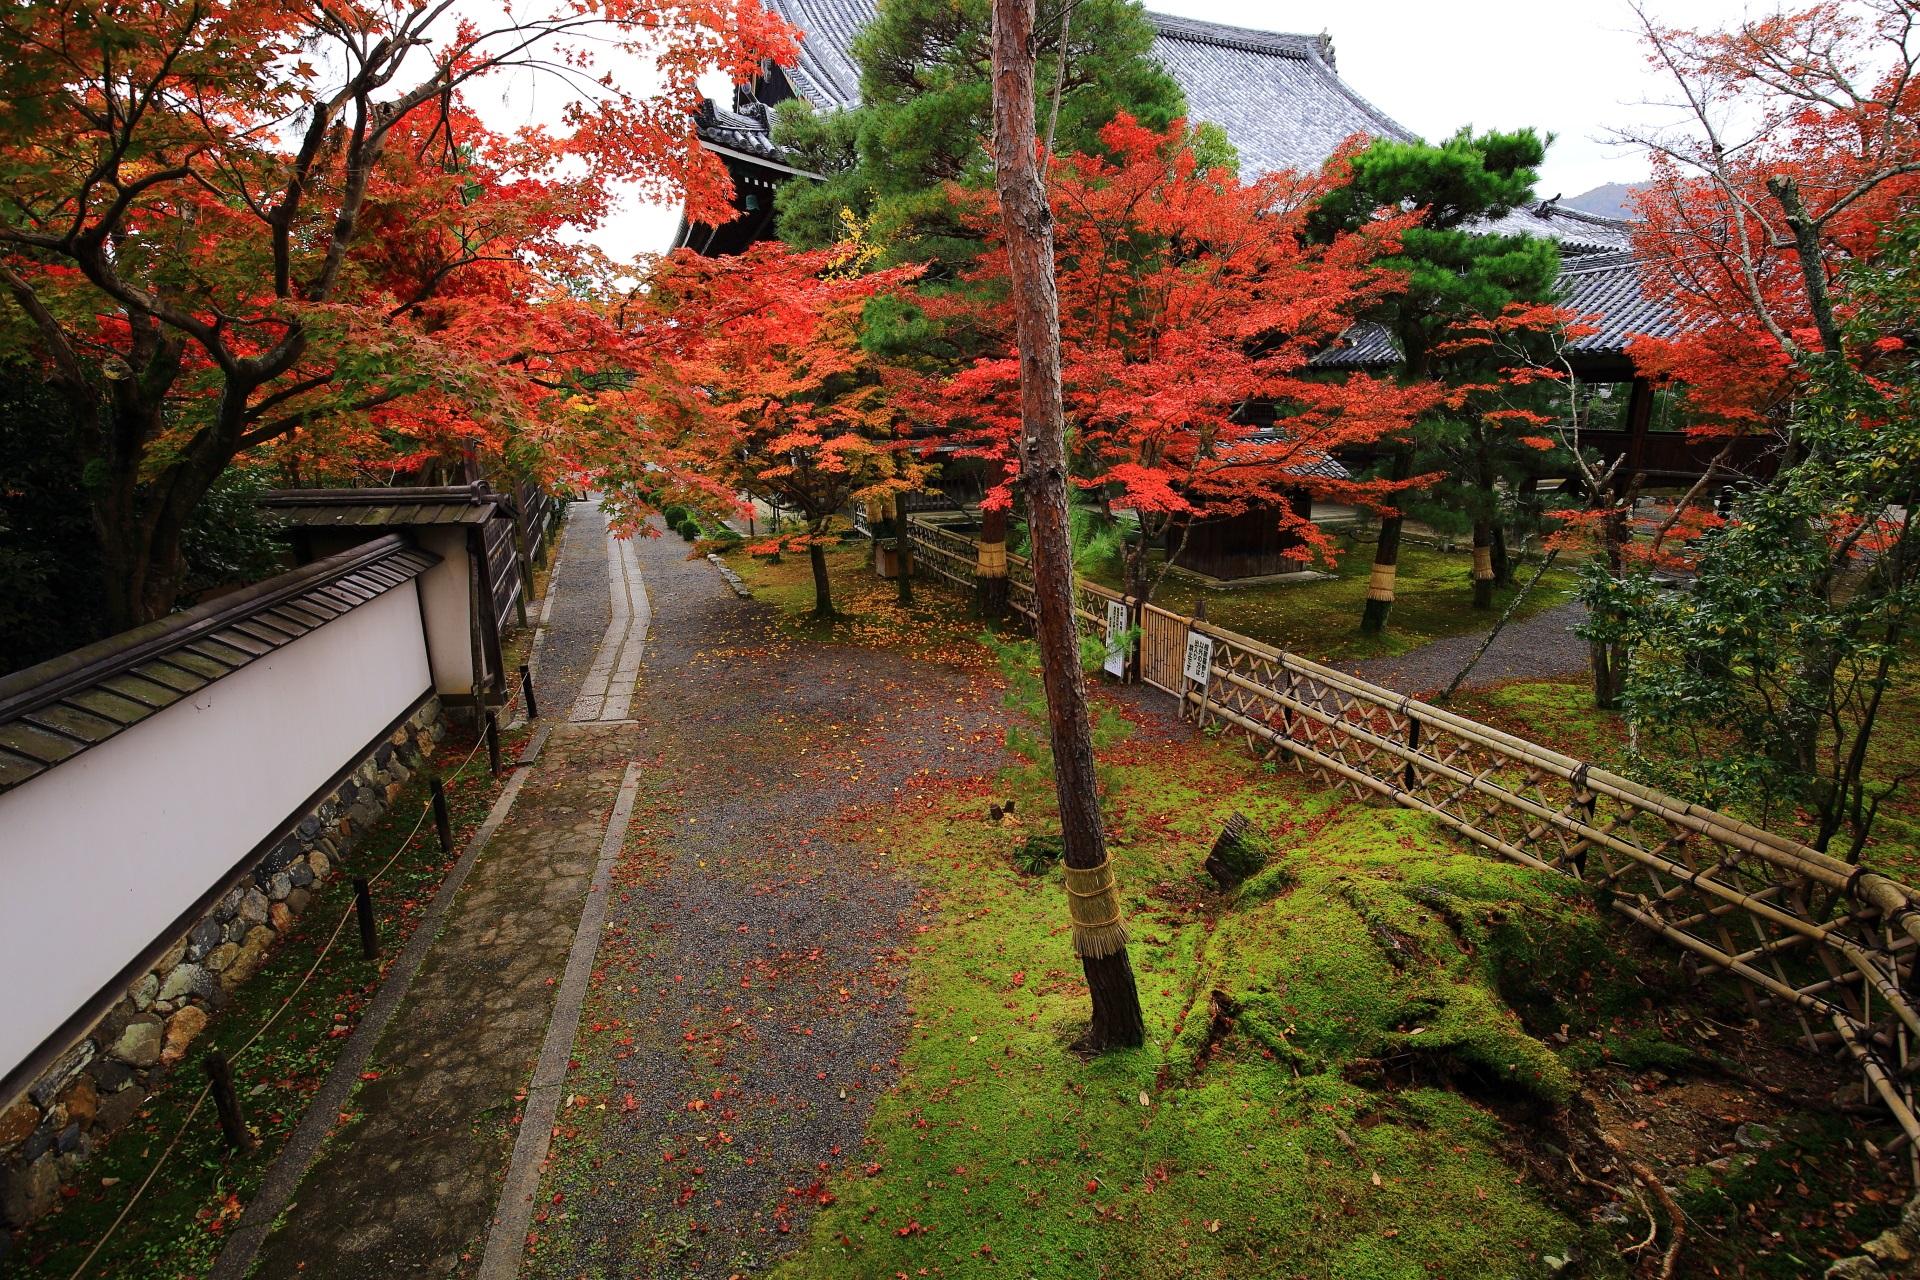 渡り廊下から眺める秋色にそまった本堂と参道や苔の庭園